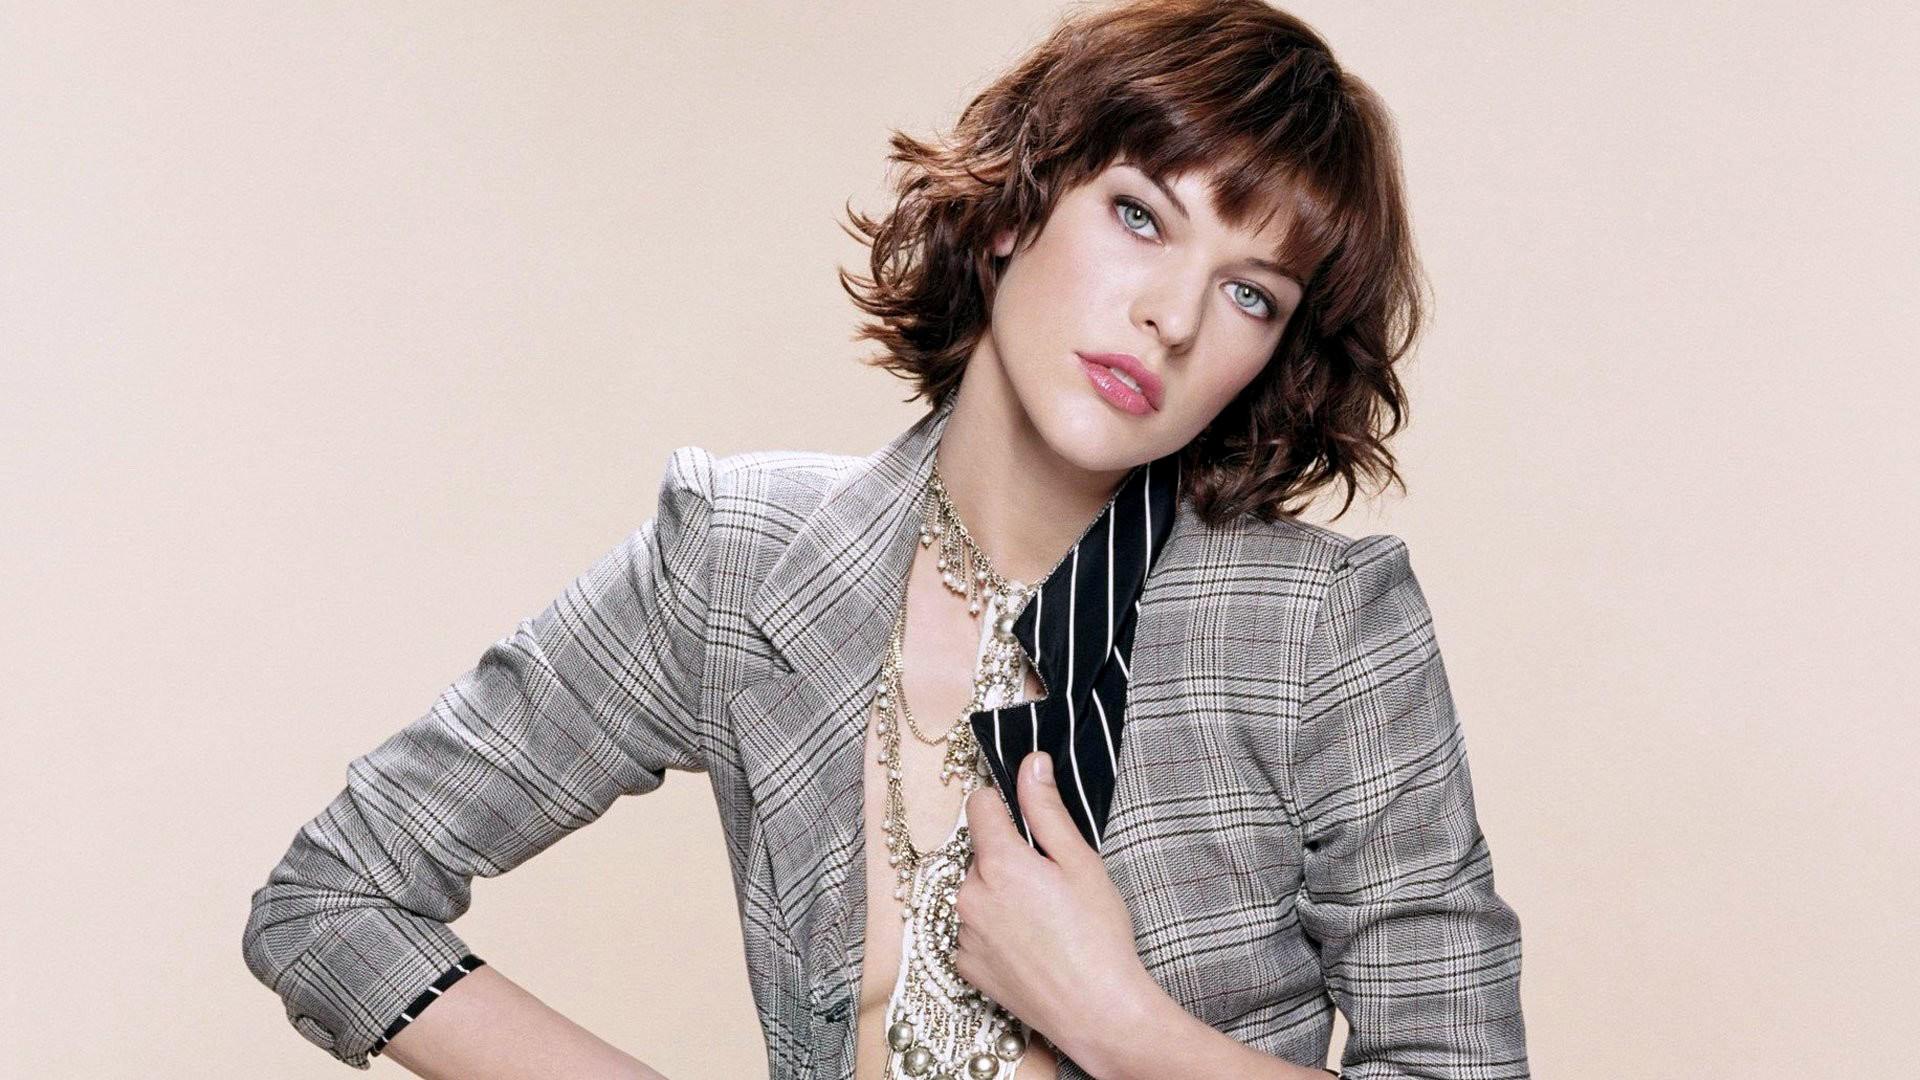 Celebrity – Milla Jovovich Cute Pretty Woman Wallpaper